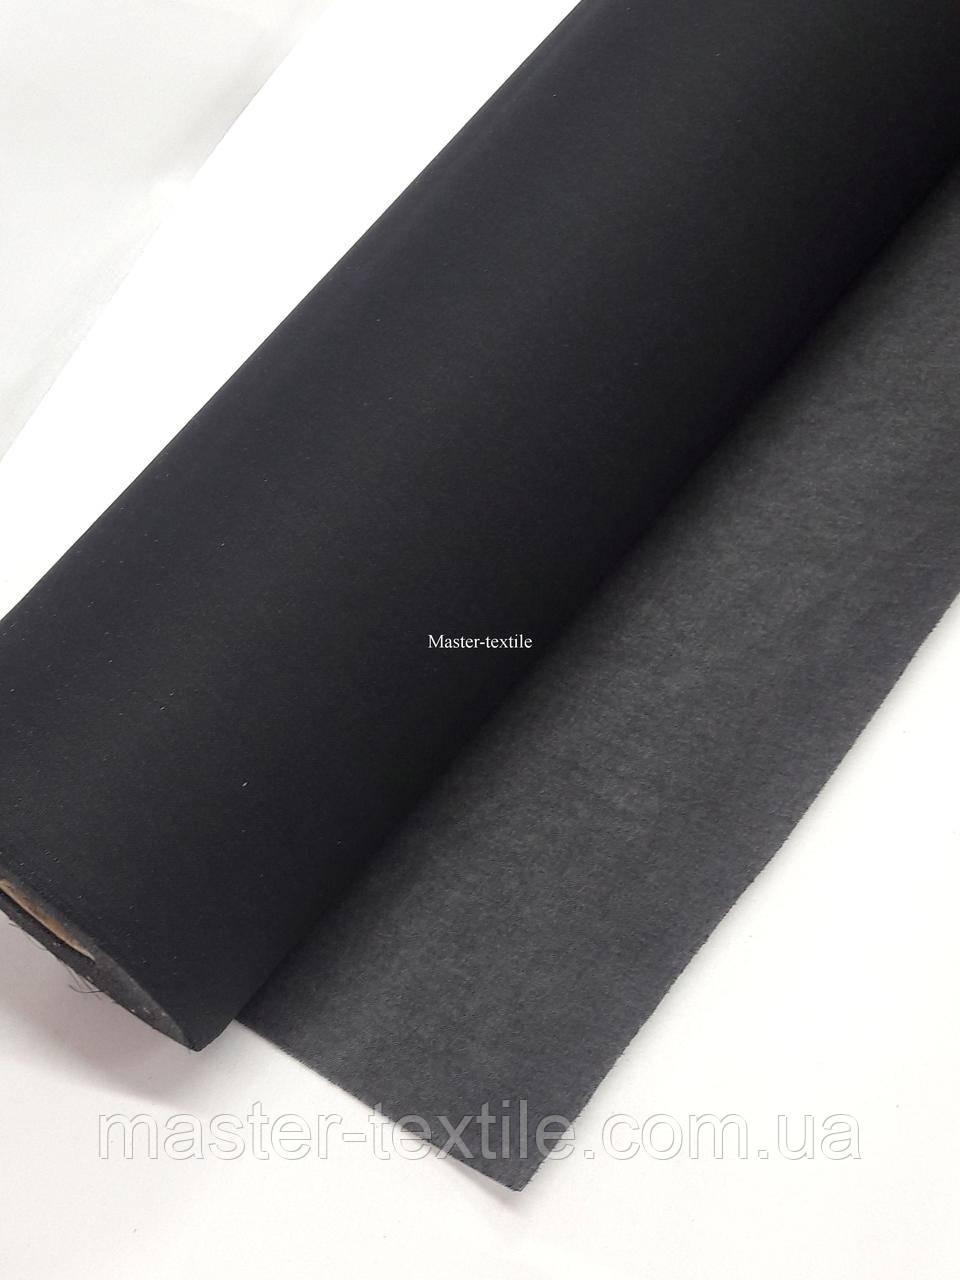 Дублерин воротничковый SNT 137 (Черный)